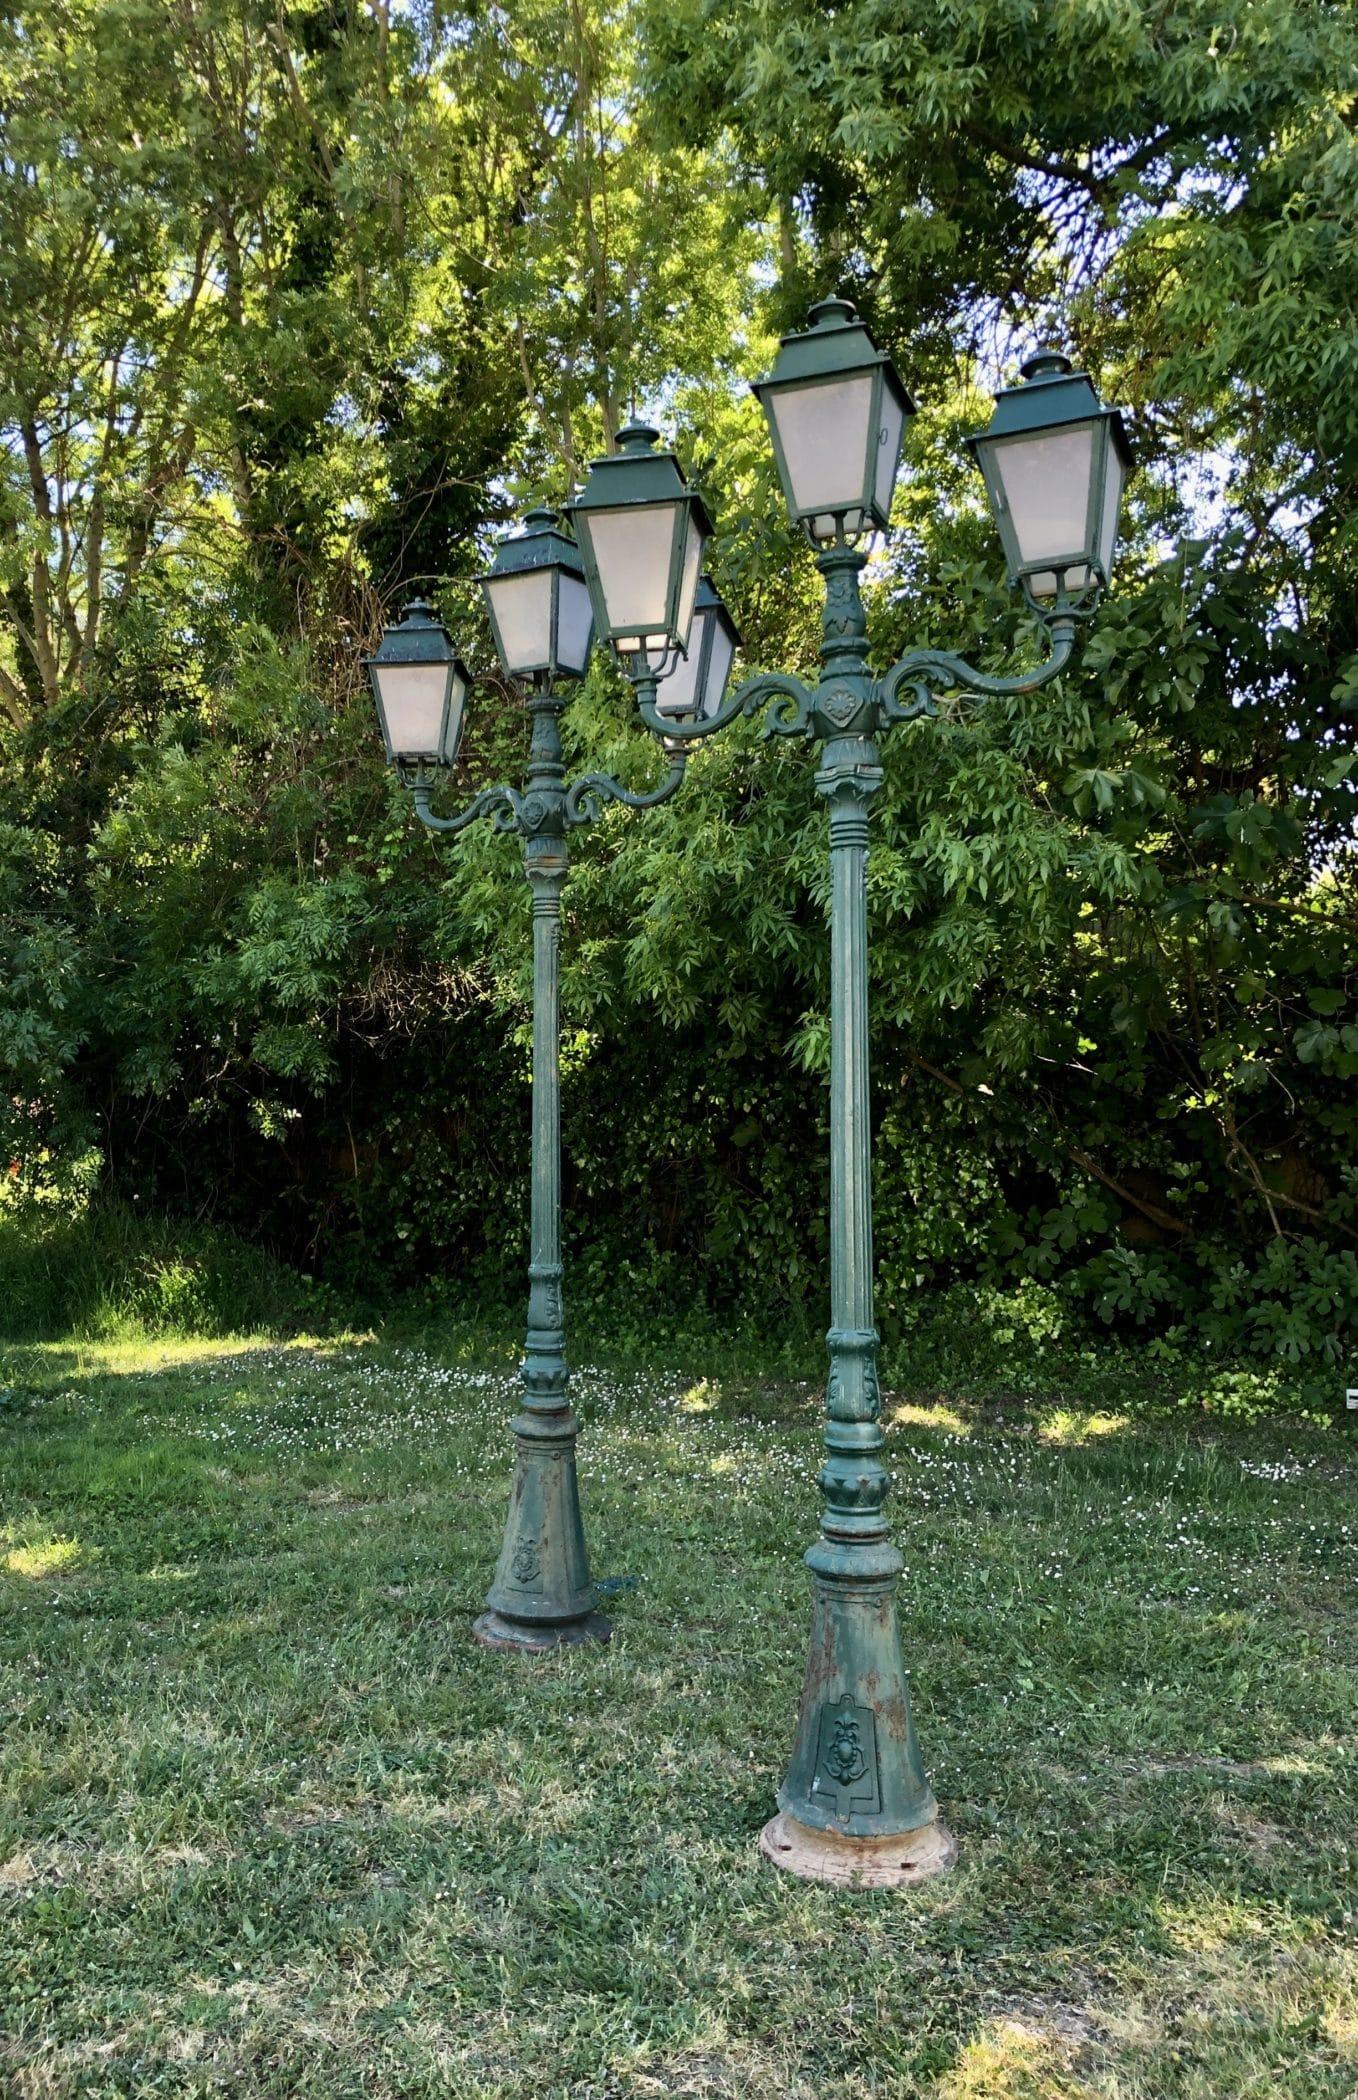 Réverbères en fonte vert Empire de la Maison Gillet à Castres. Style Napoléon III, fin XIXe - début XXe siècle.